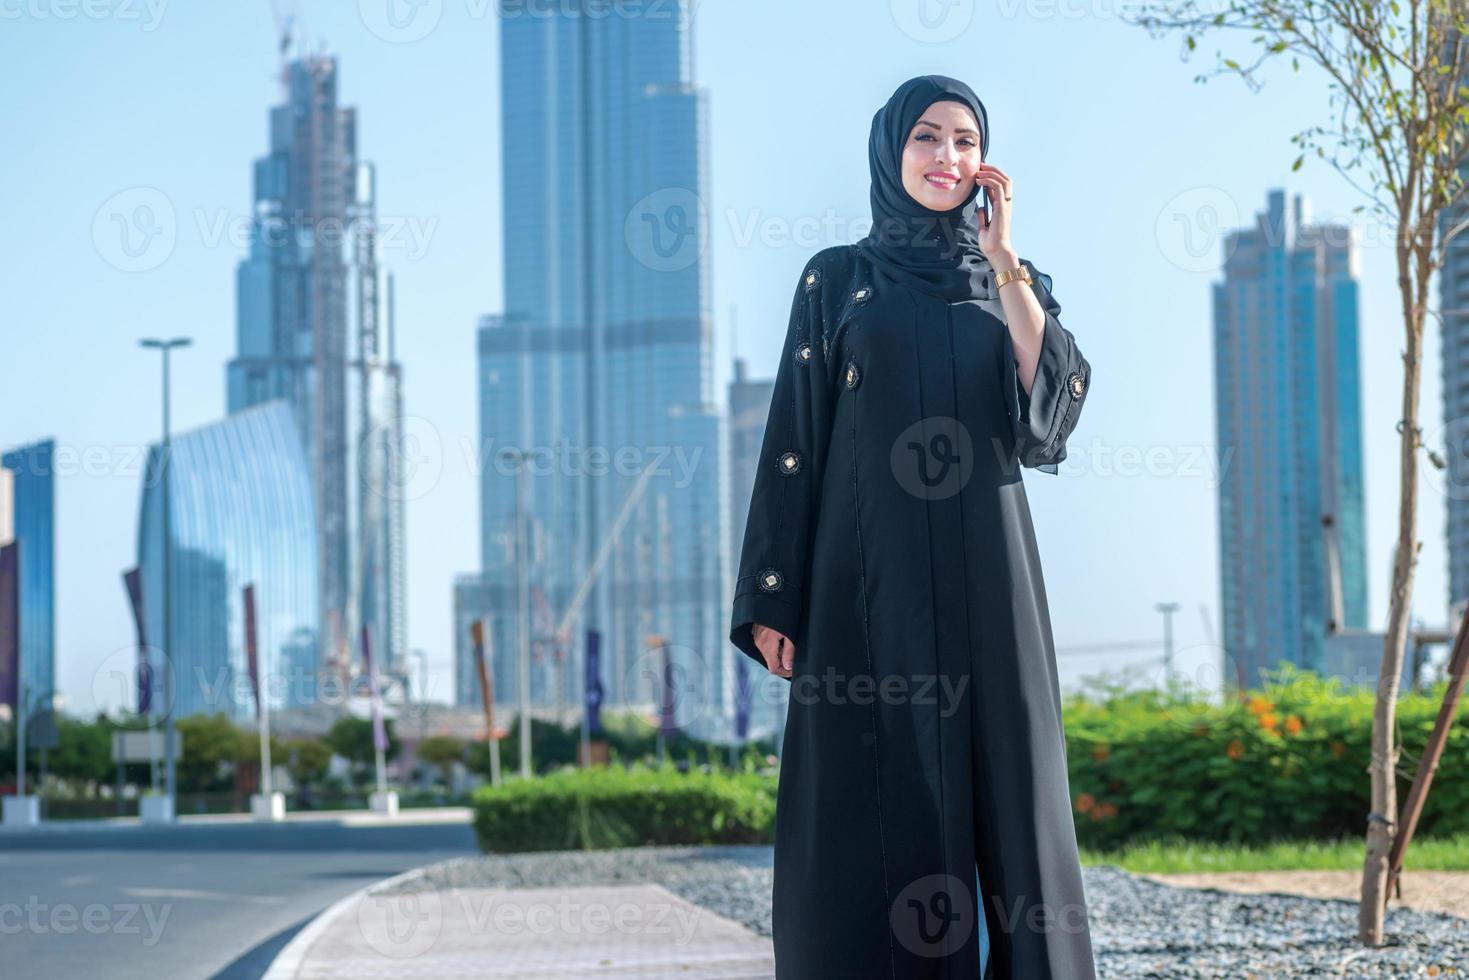 mulheres de negócios em dubai. empresárias árabes em hijab falando foto